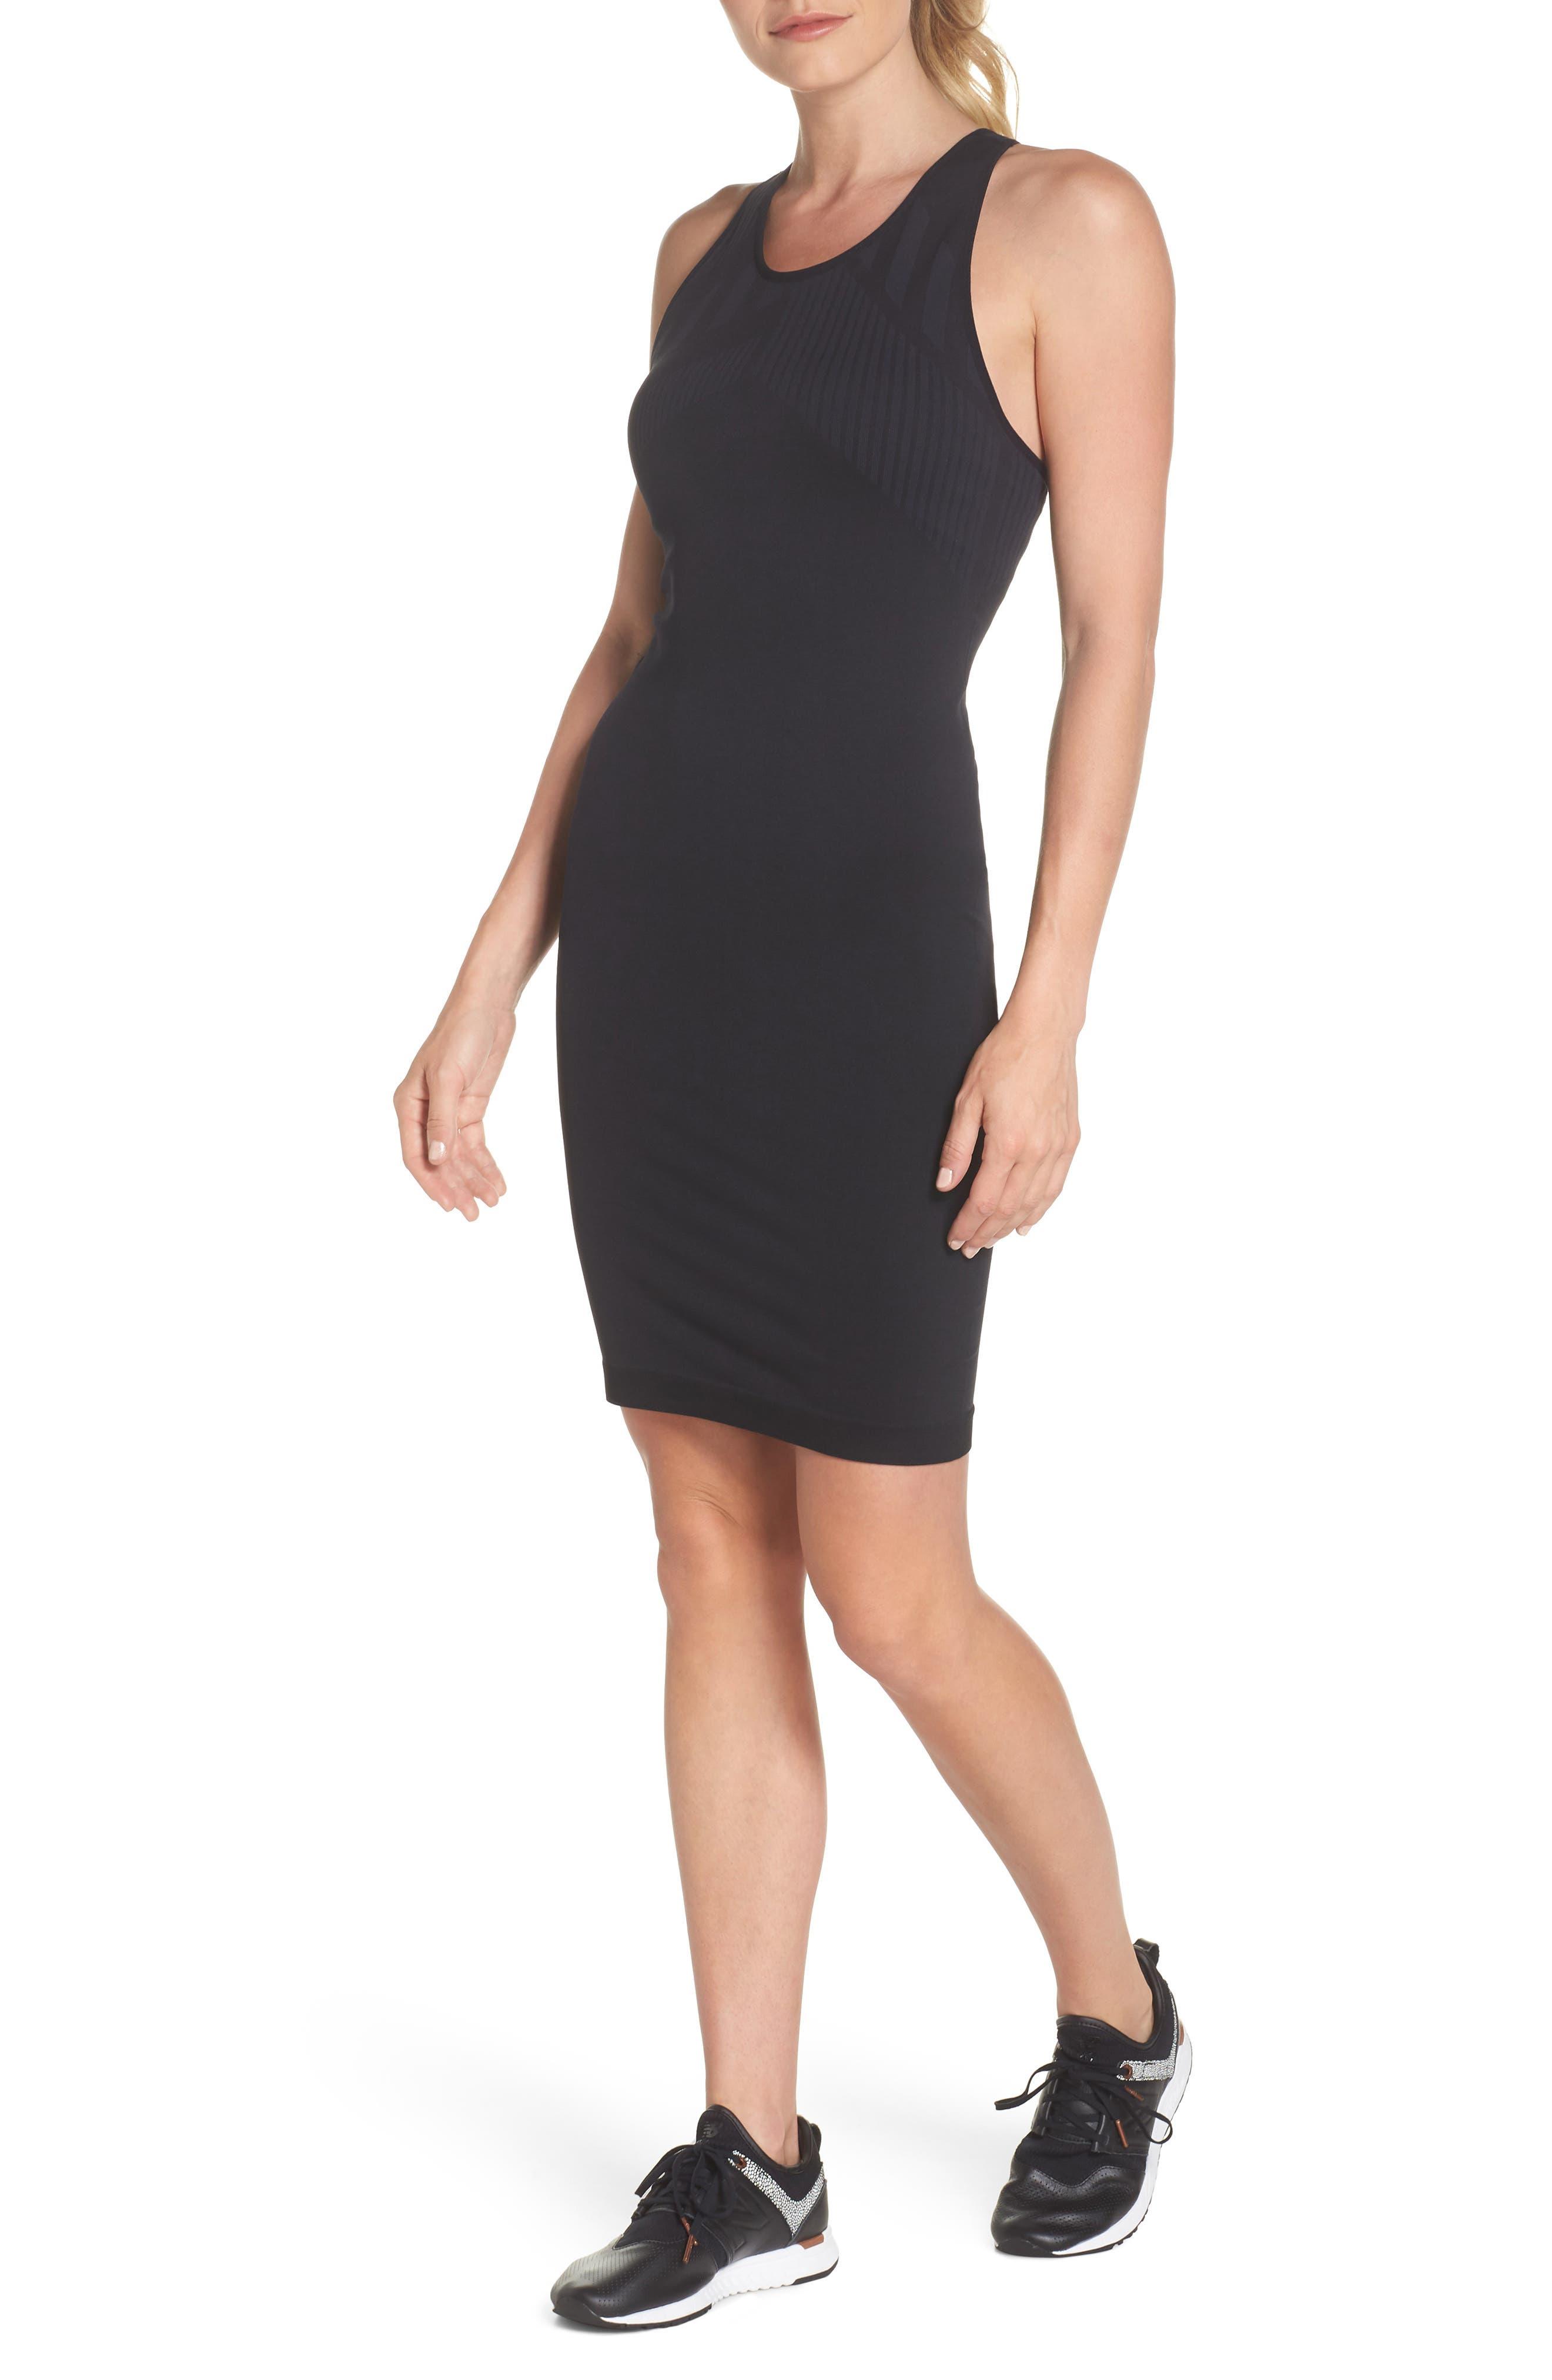 Spectrum Dress,                         Main,                         color, Black